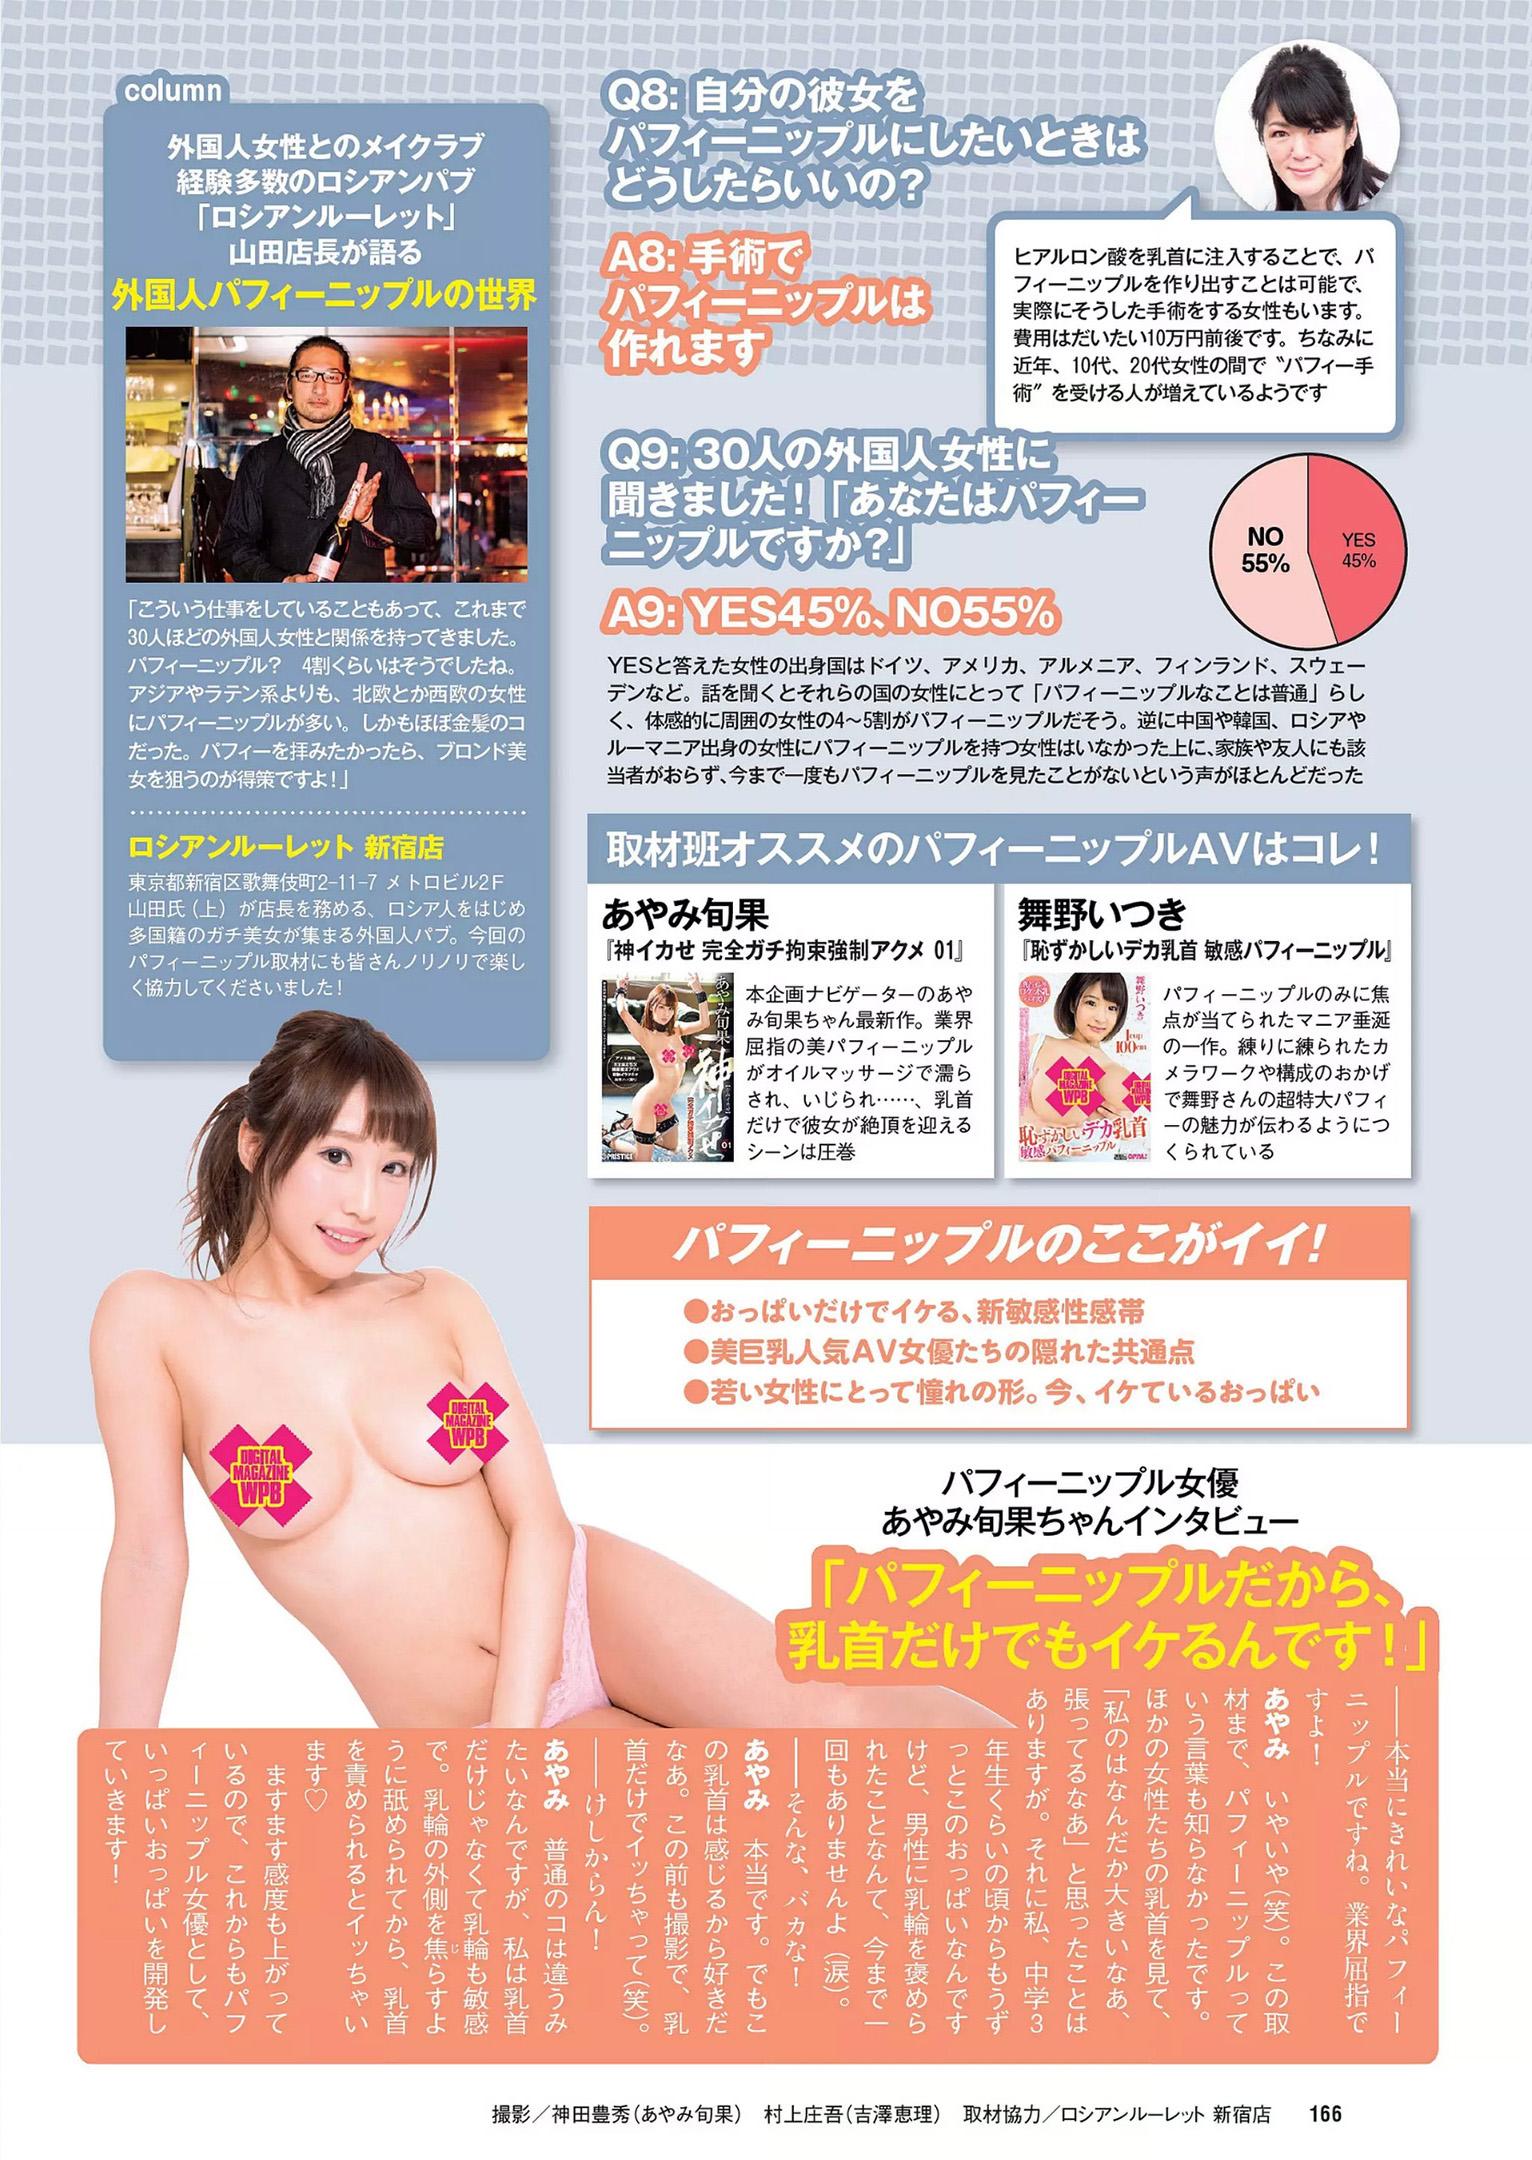 image http://scanlover.com/assets/images/414-j1mbToI6trwWl5Gy.jpeg